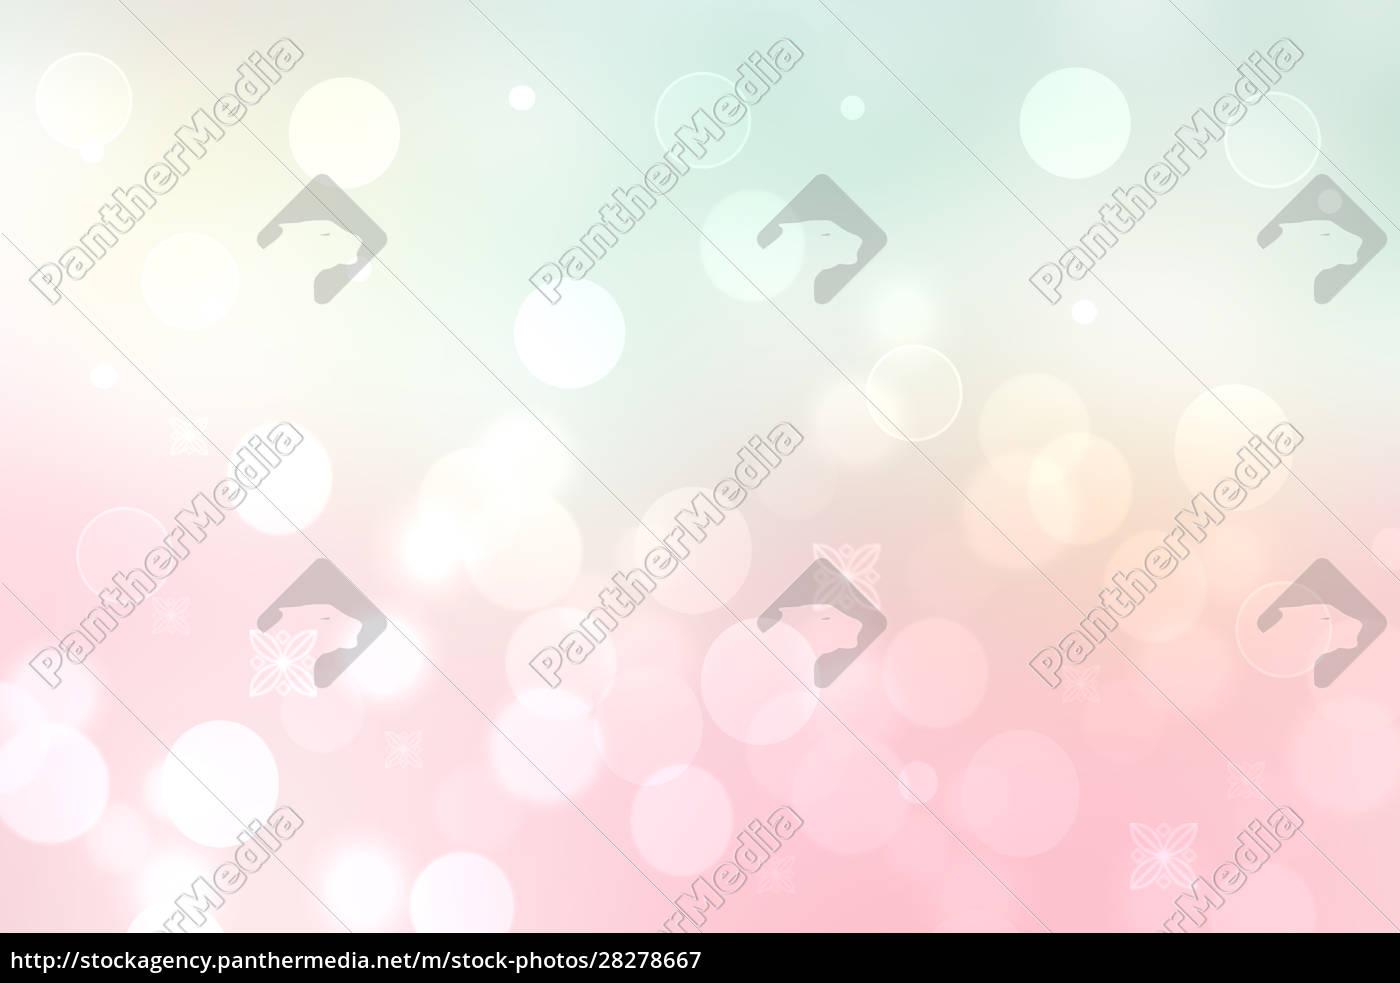 abstract, blurred, vivid, spring, summer, light - 28278667